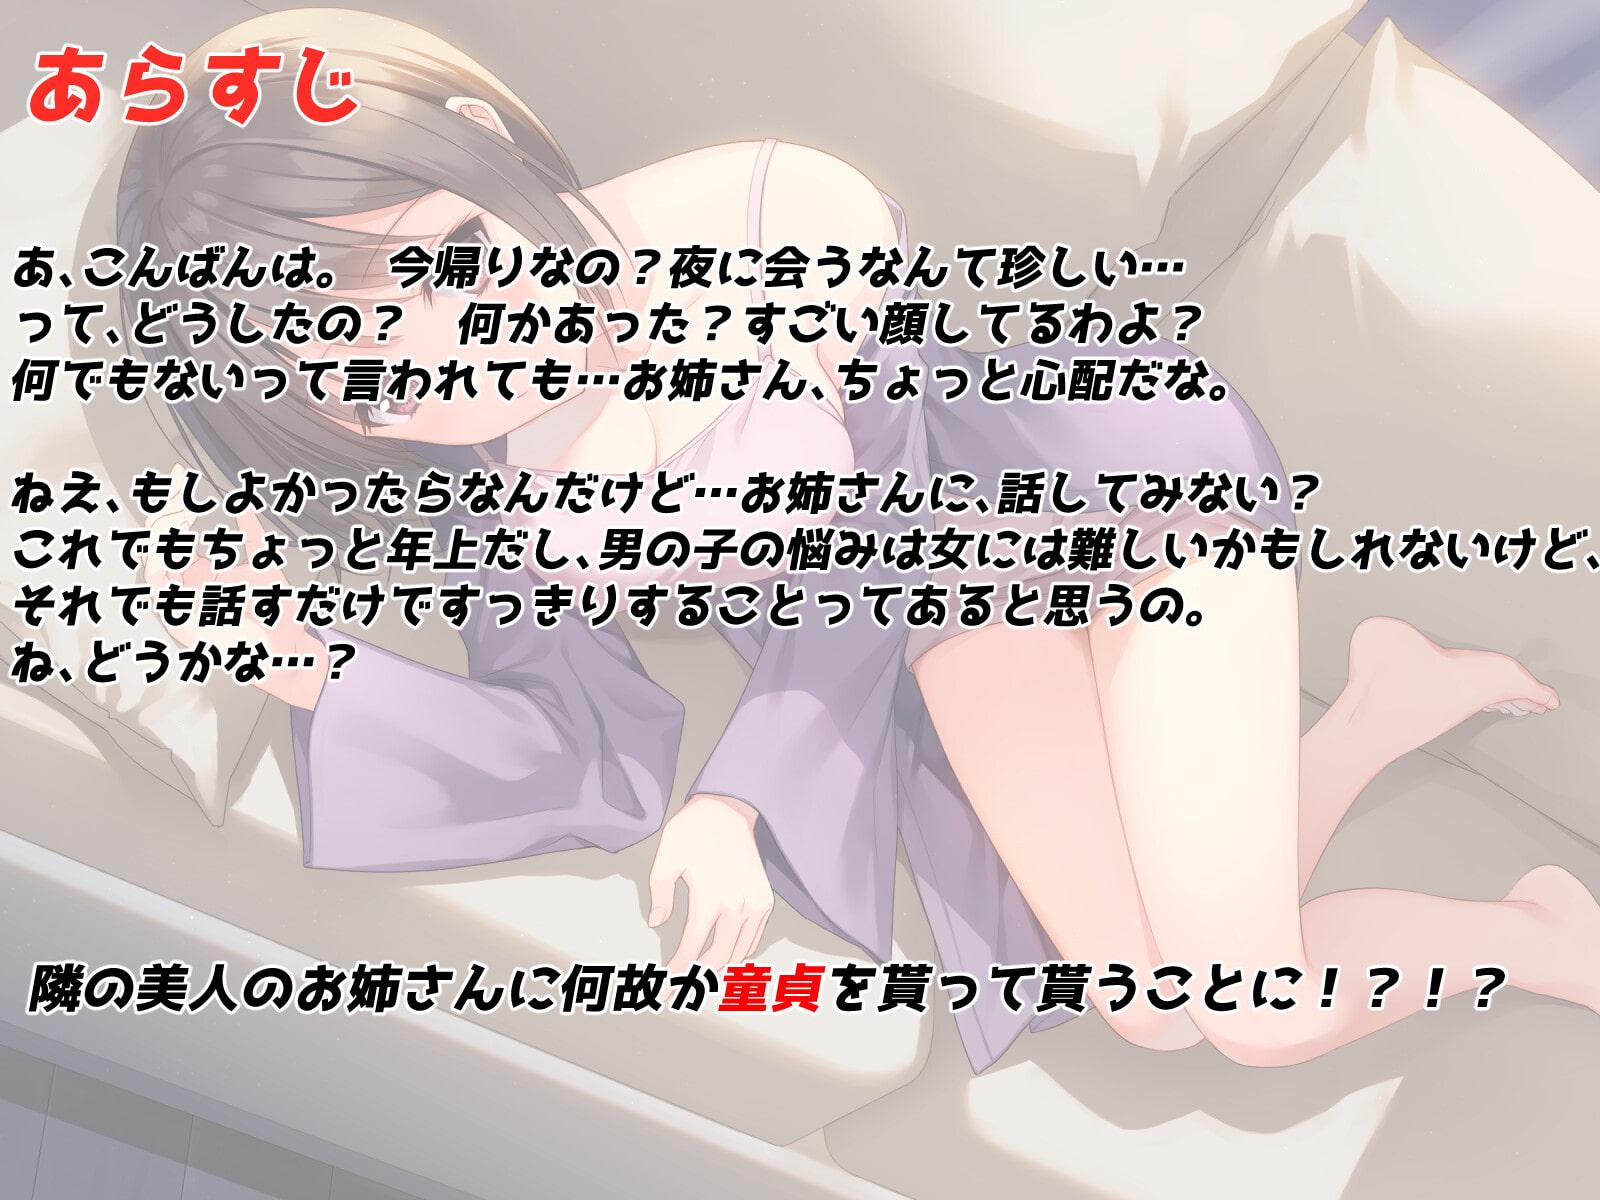 RJ336149 隣人のお姉さんと甘とろ脱童貞エッチ [20210725]